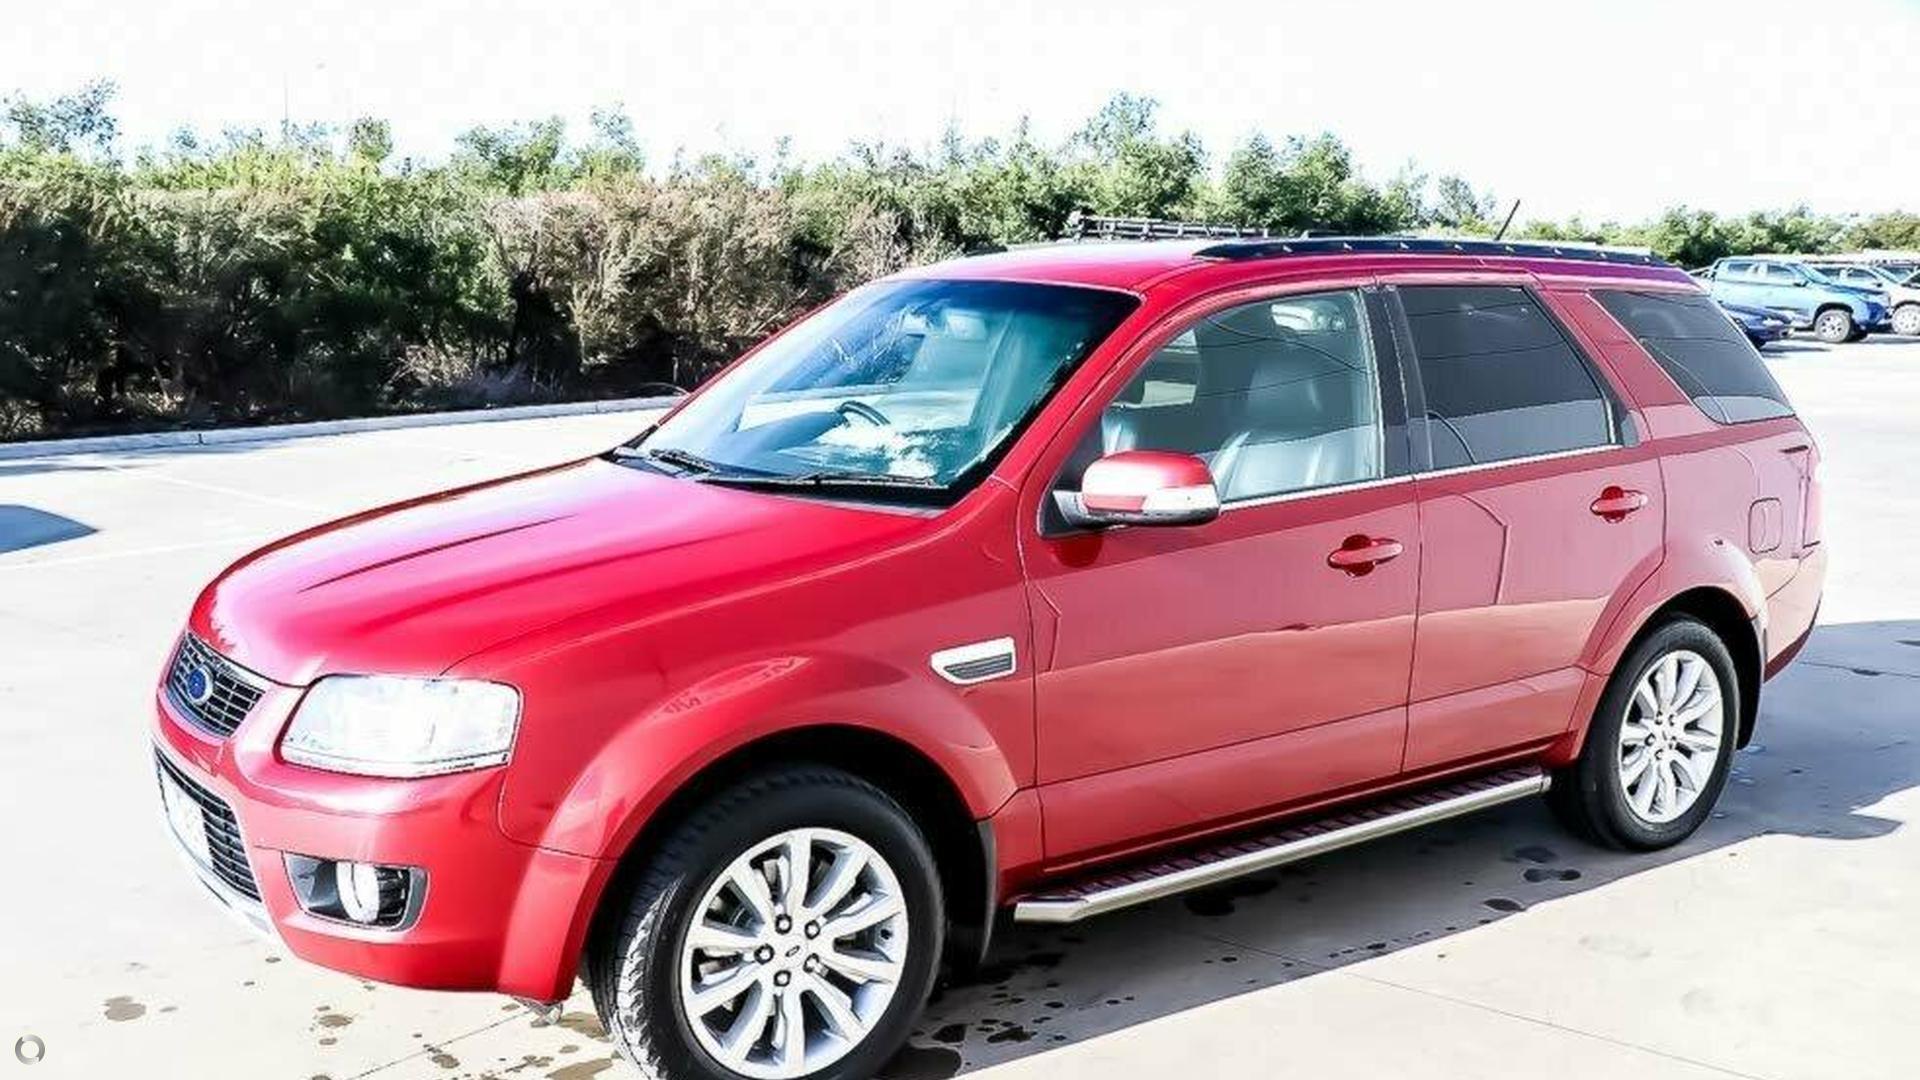 2009 Ford Territory Ghia SY MKII